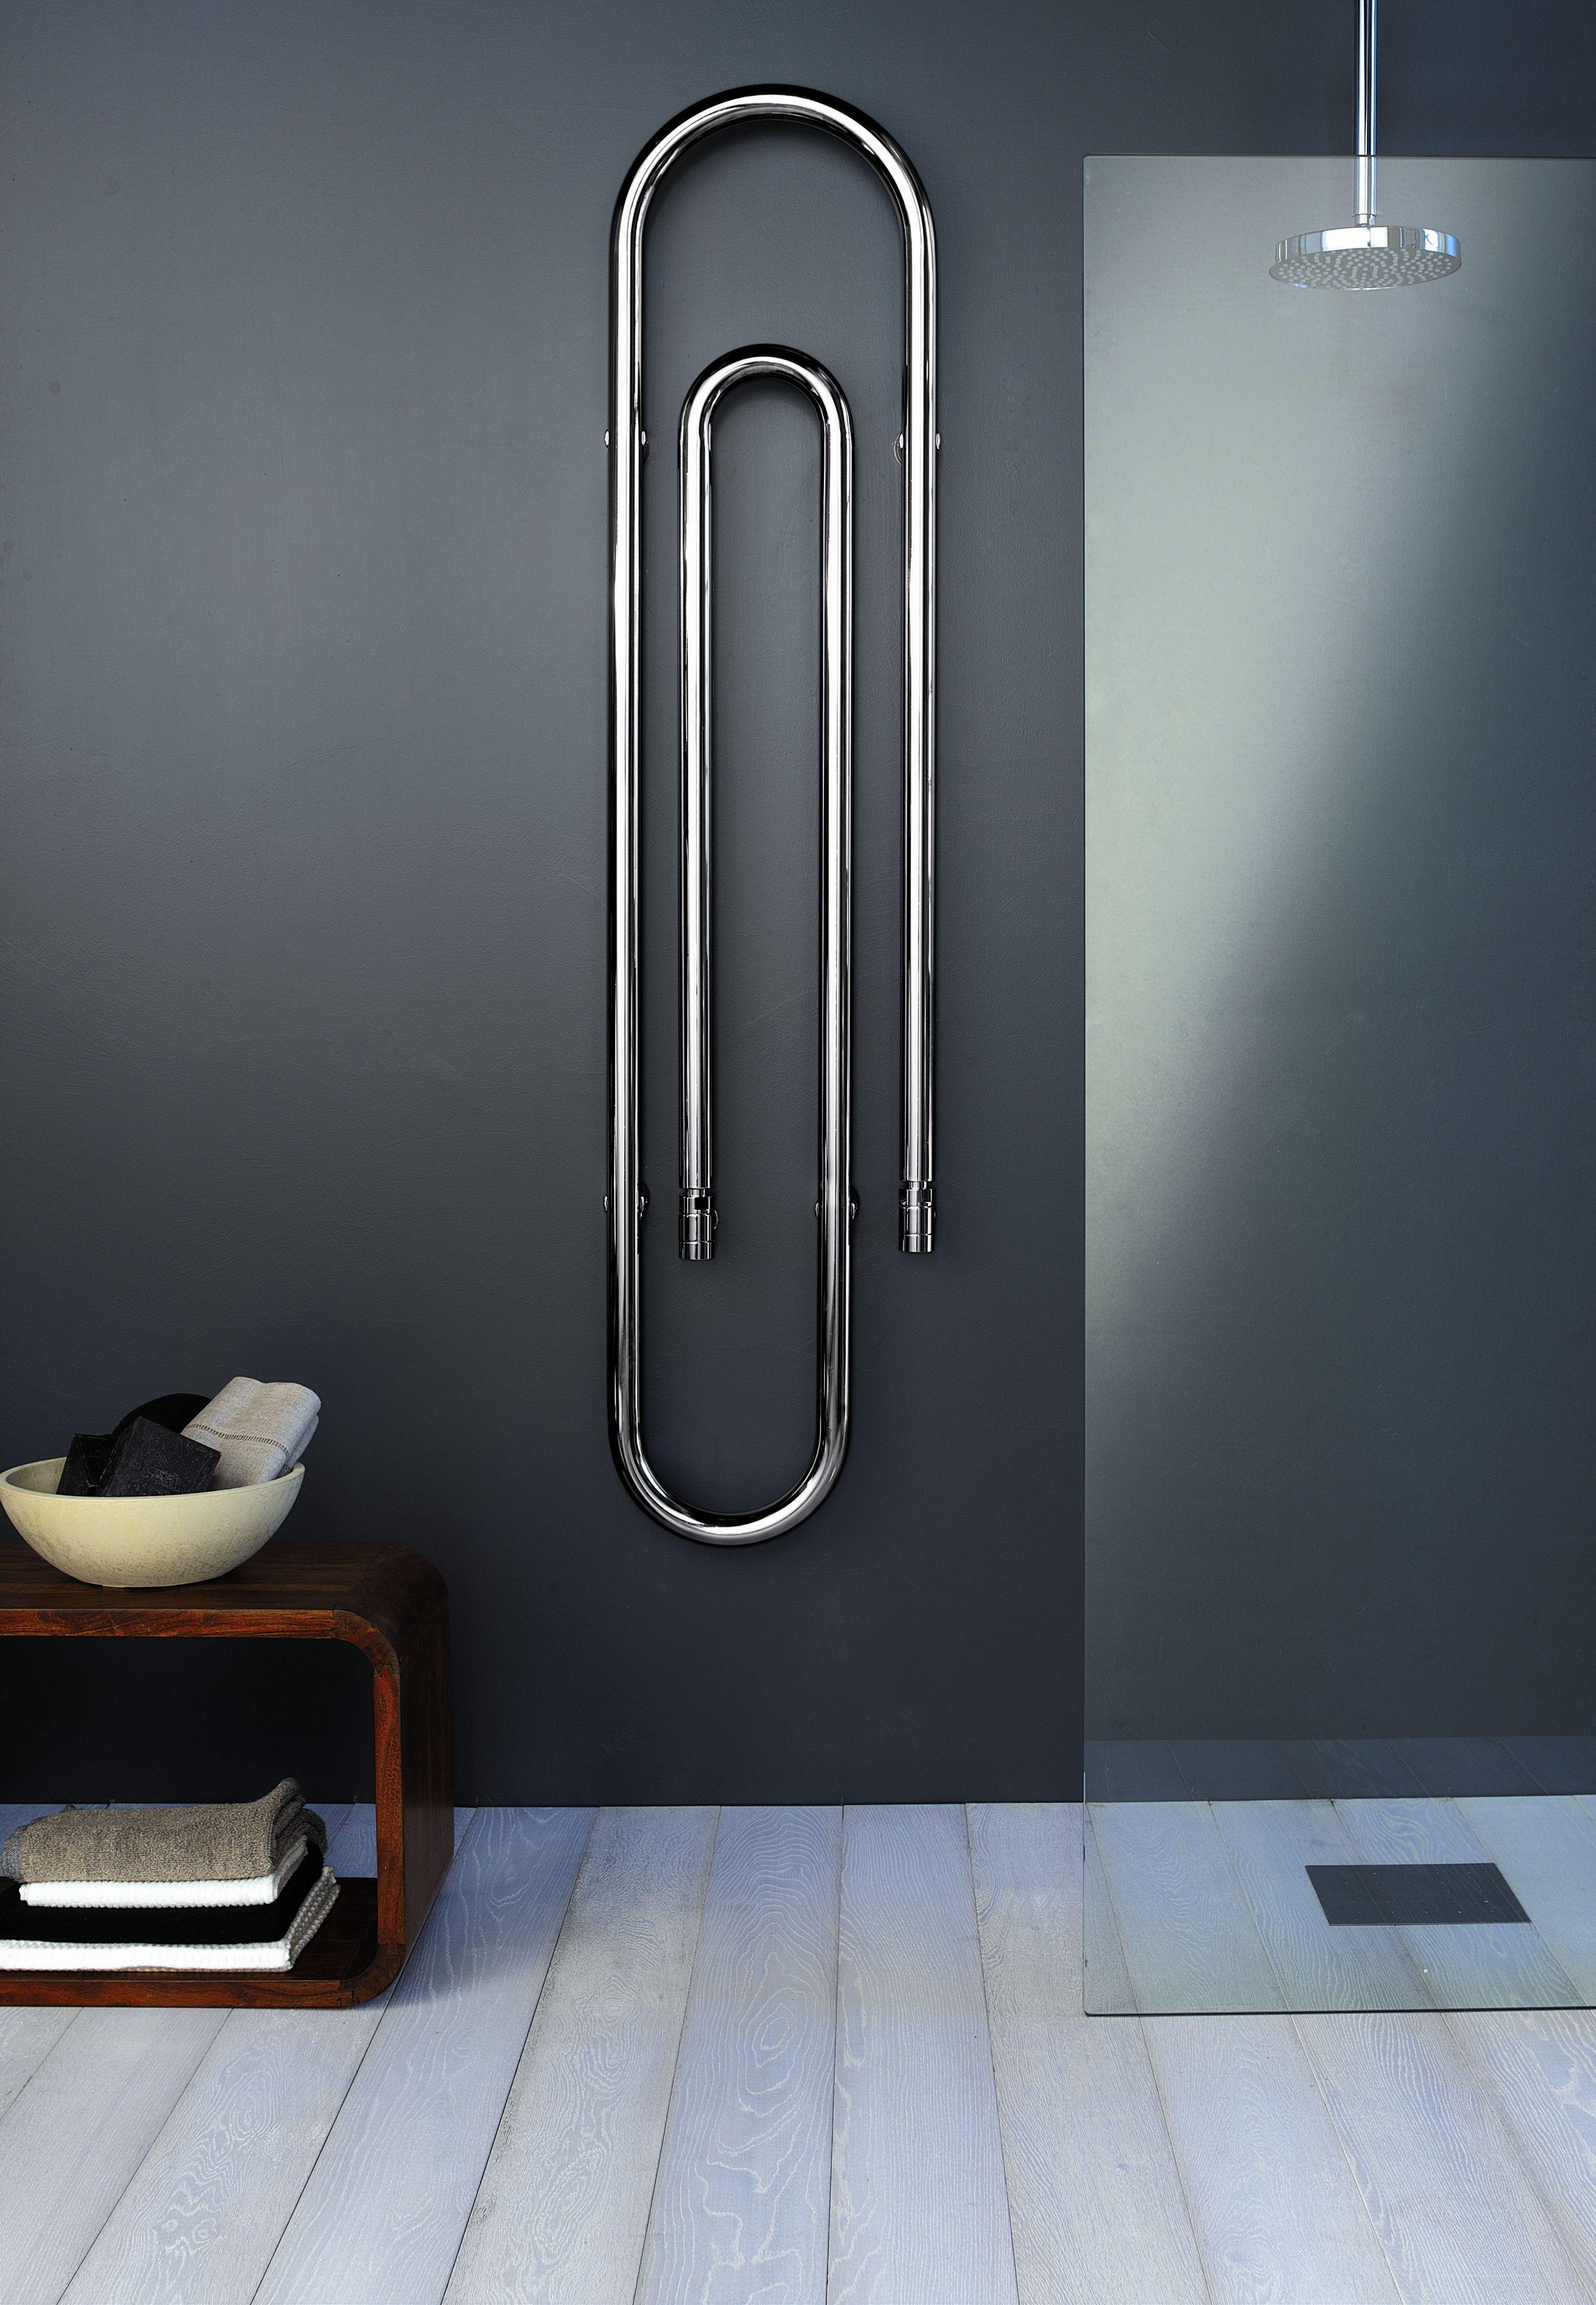 le radiateur salle de bains aujourdhui est un lment cl de lamnagement de chaque salle de bains il peut dterminer aussi tous les accessoires que vo - Puissance Radiateur Salle De Bain